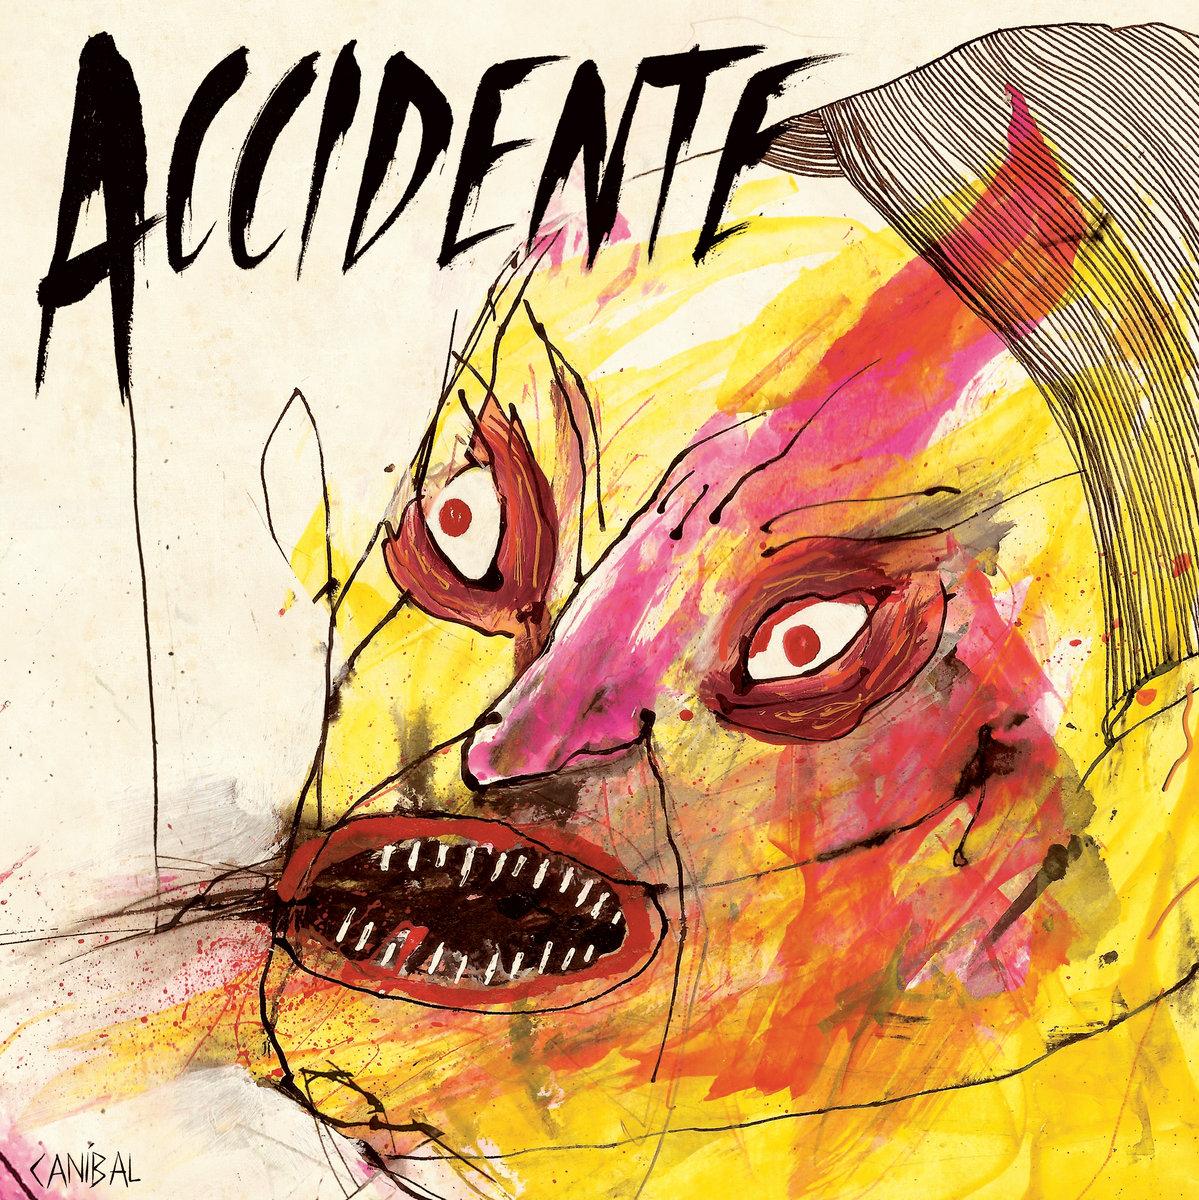 portada del album Canibal